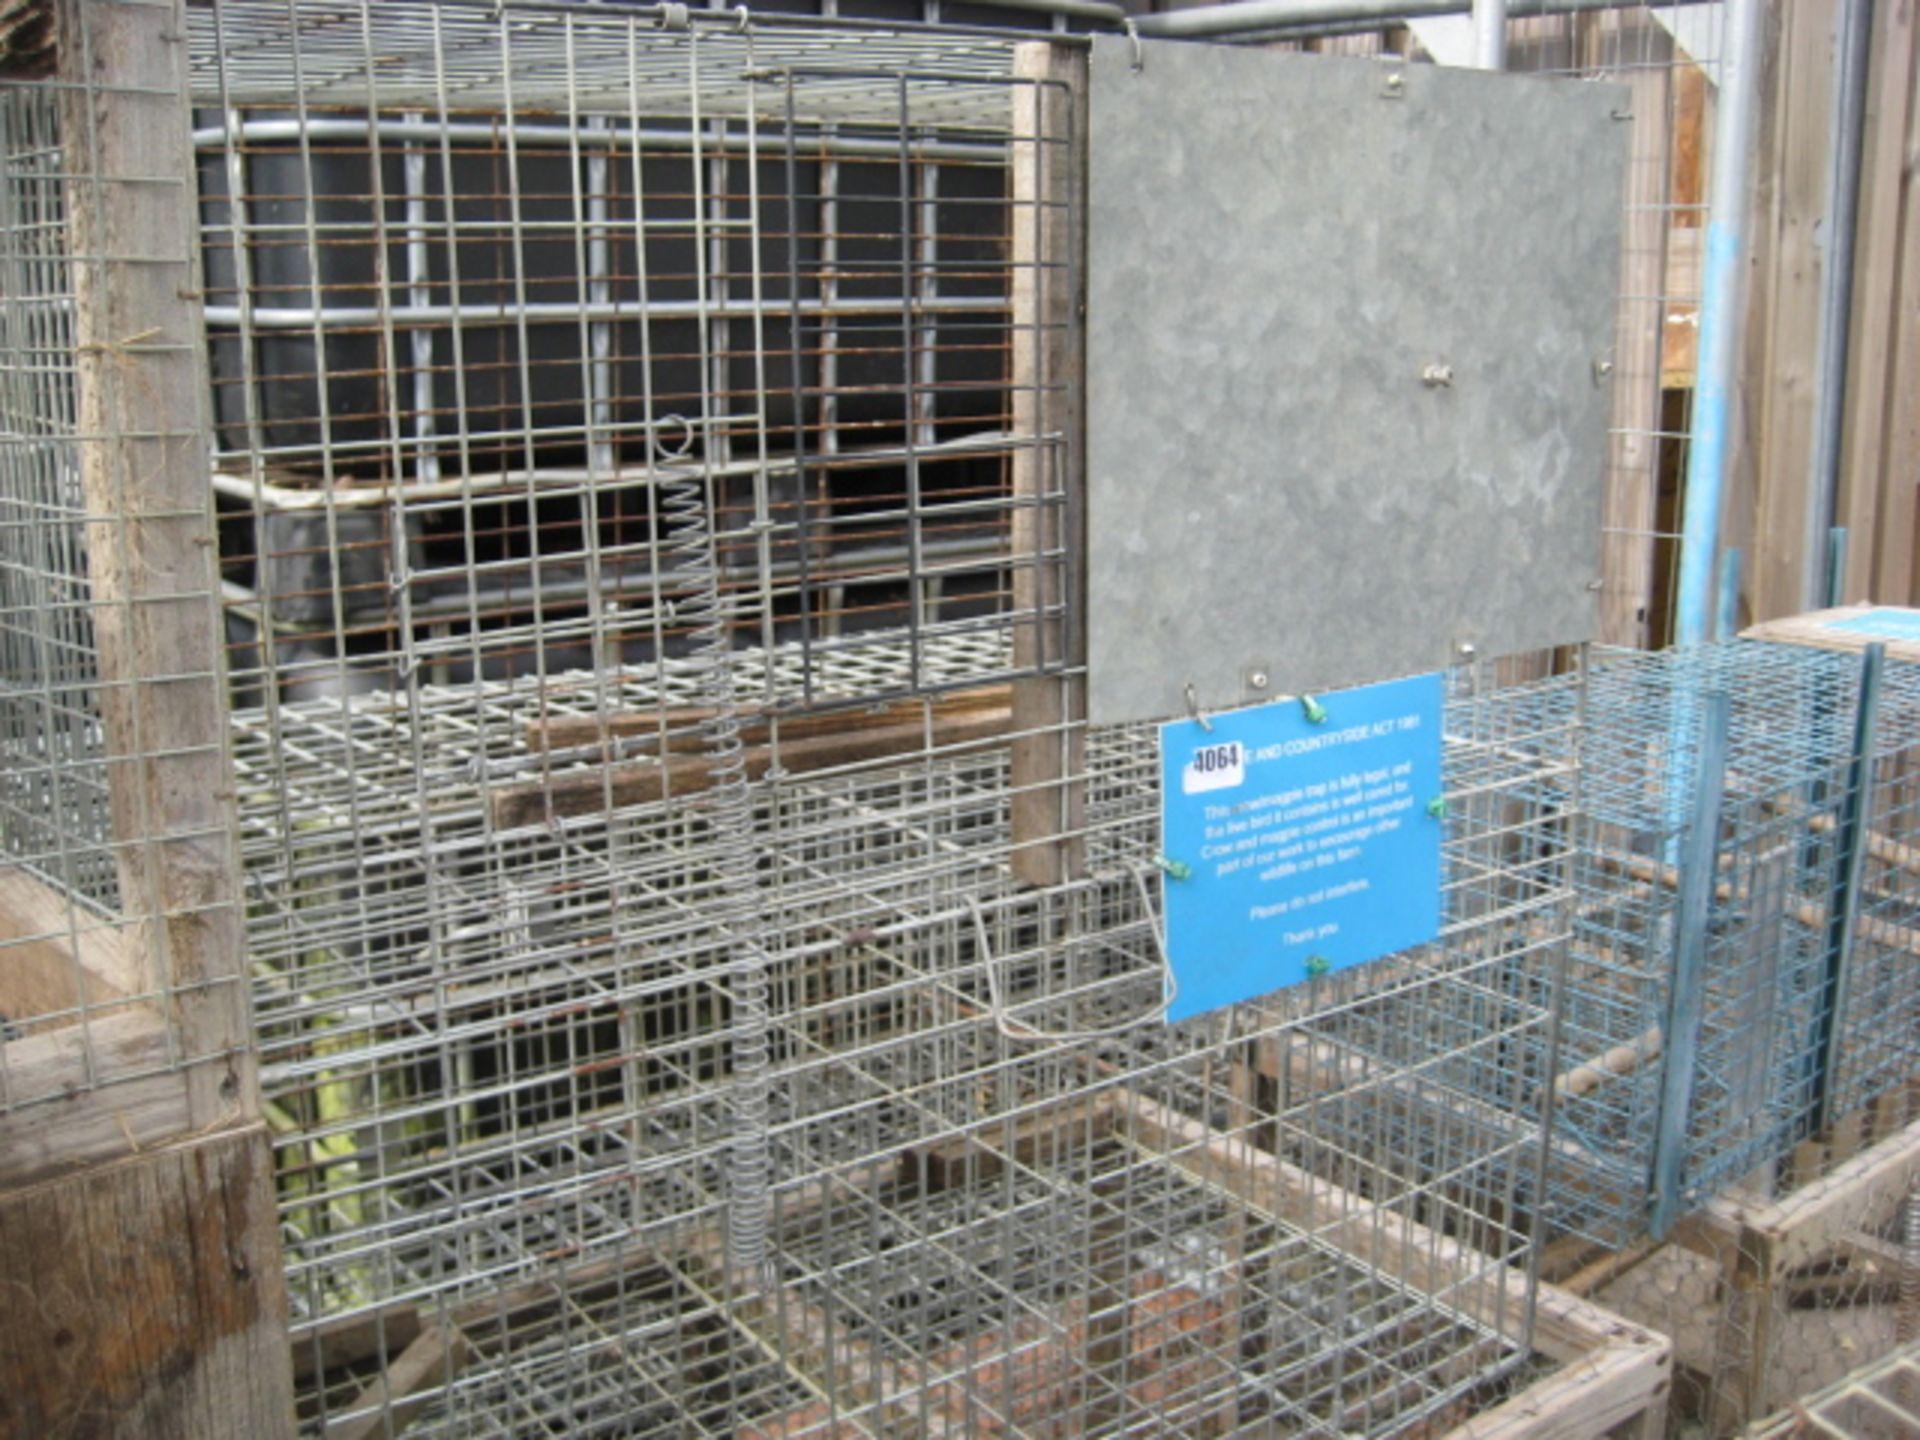 Lot 4064 - Galvanized Larson trap